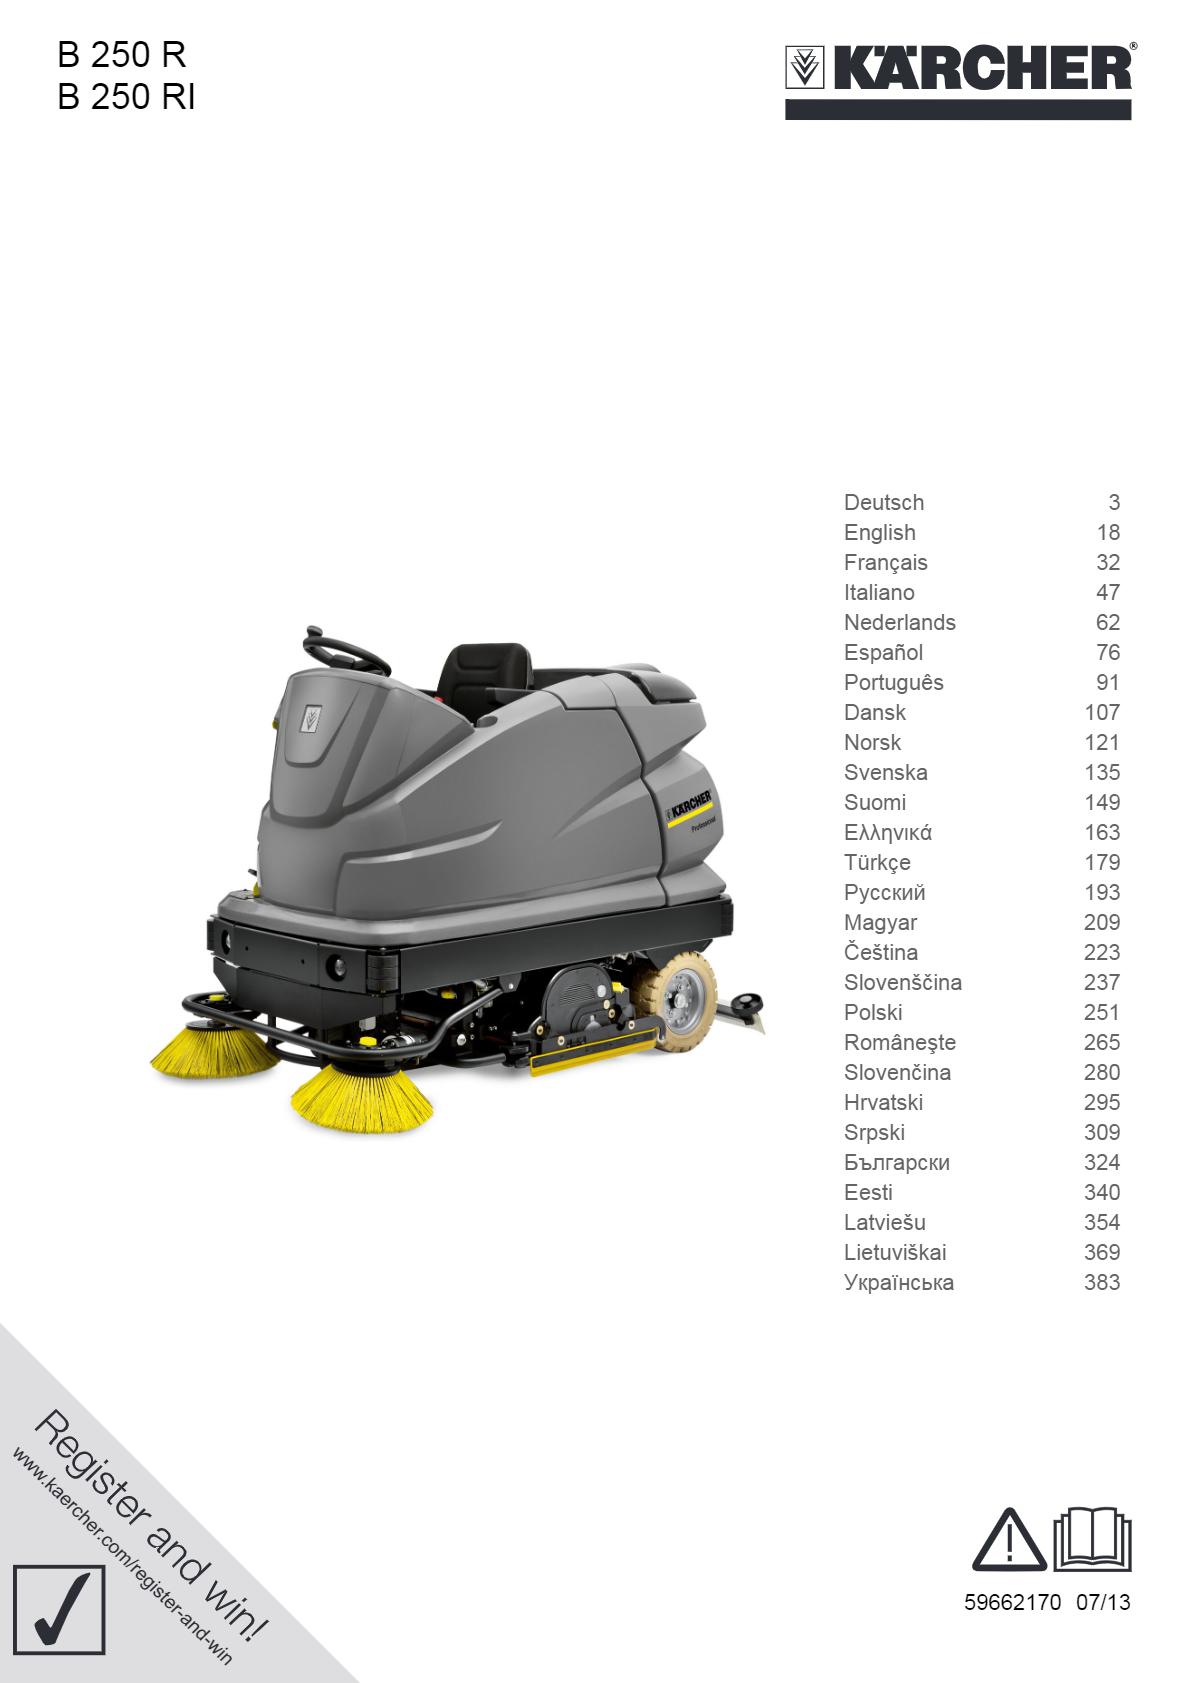 洗地吸干机 B 250 R 说明书说明书下载